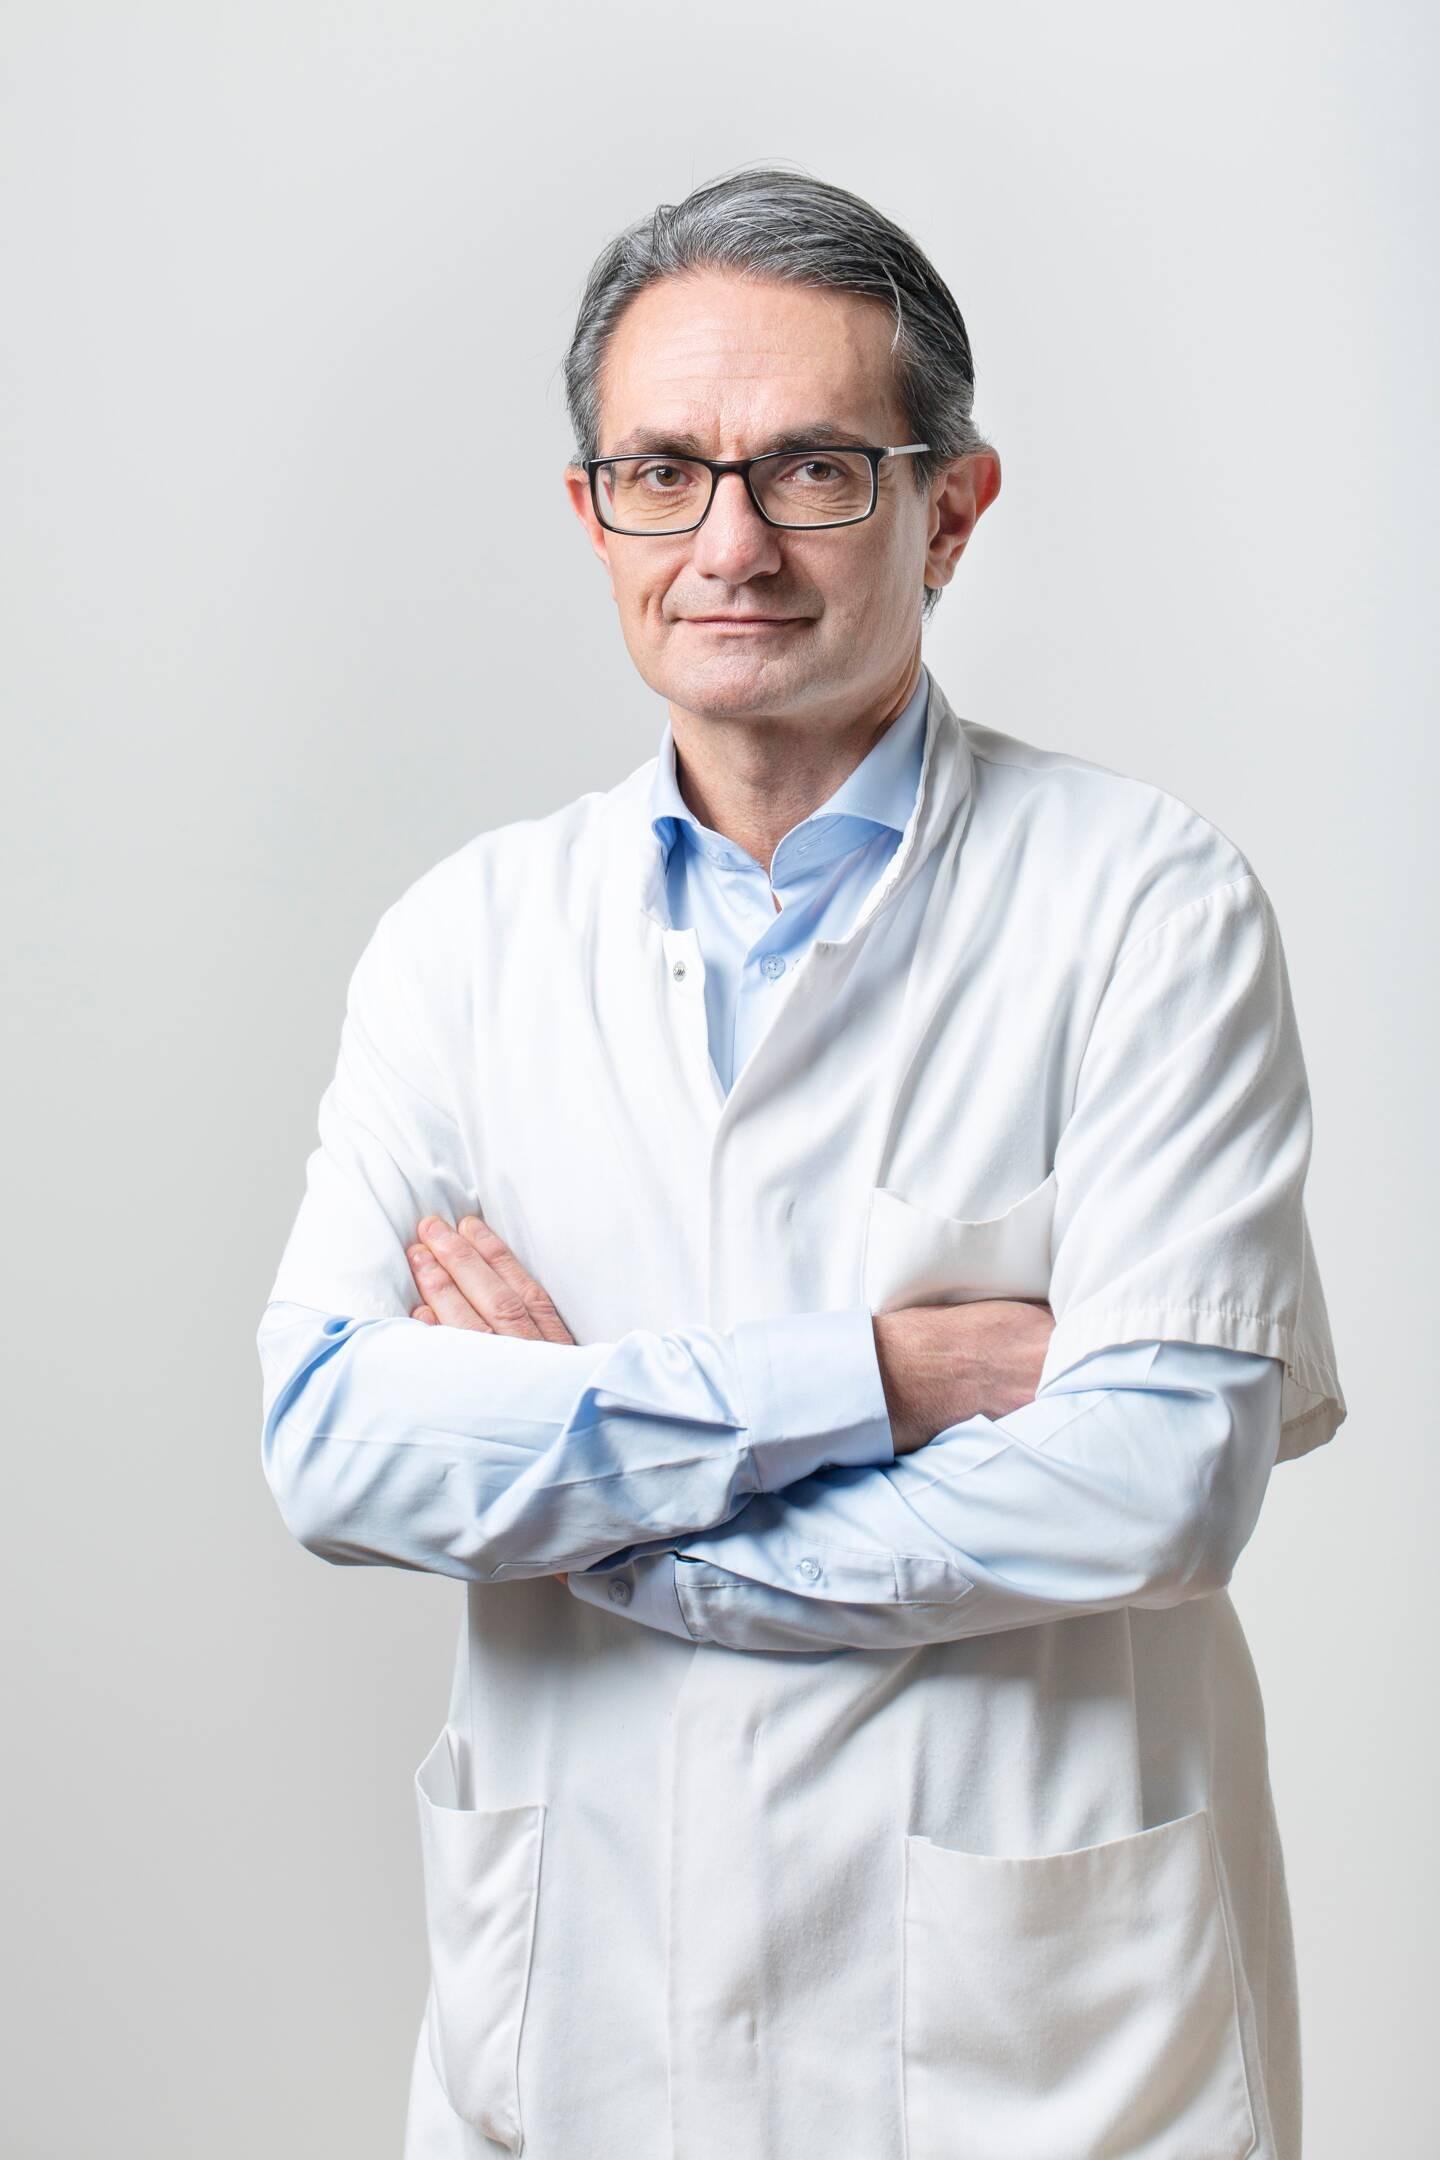 Le Pr Emmanuel Barranger, à la tête de l'établissement depuis 2 ans, a dû s'adapter à la crise de la Covid-19.